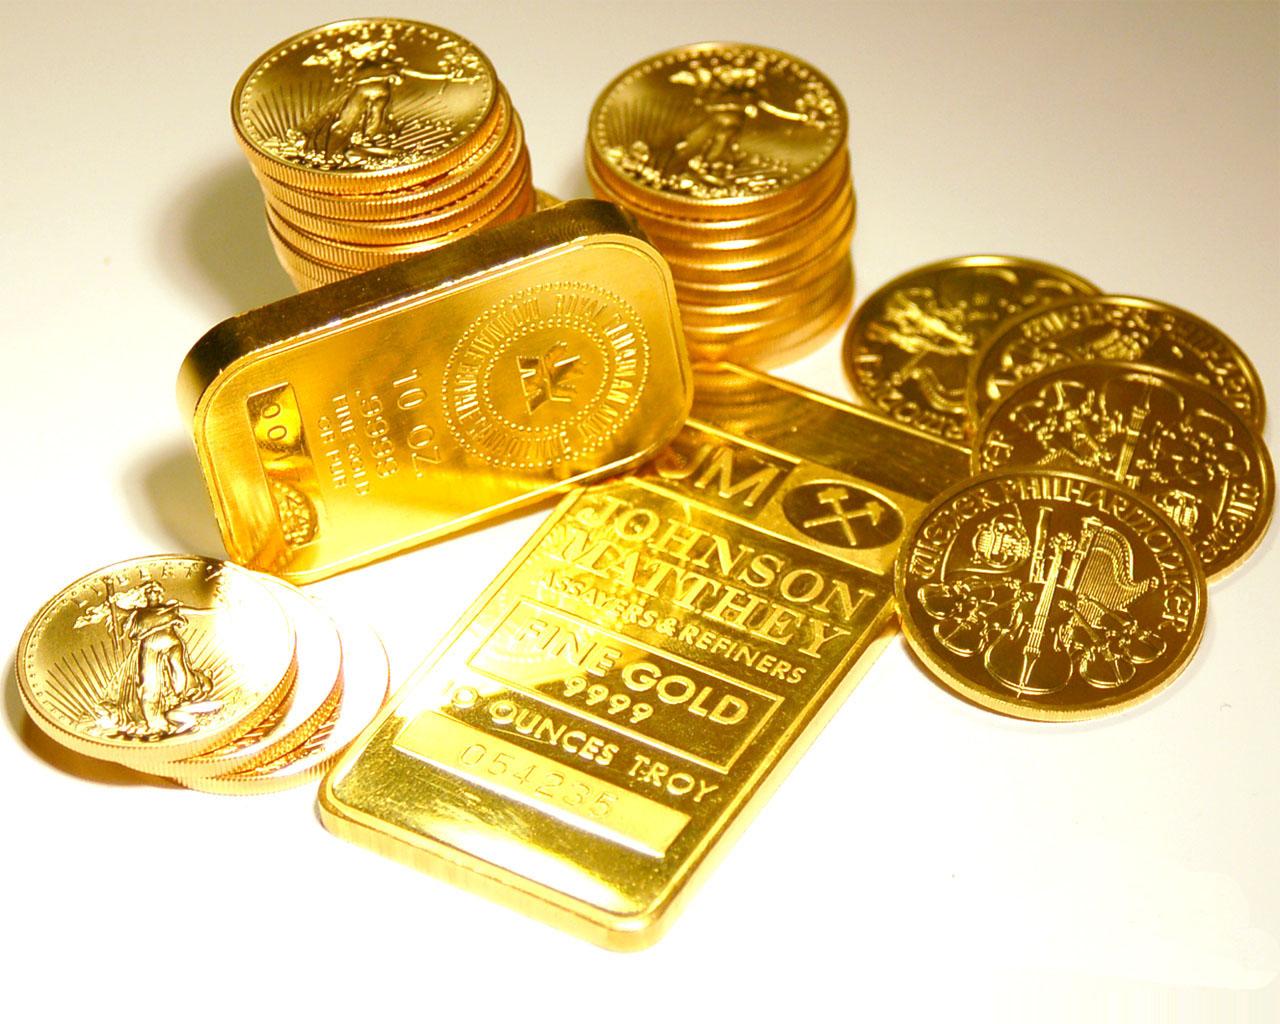 بازار سکه طلایی شد / کدام کشورها به ایران نارگیل رنده شده صادر می کنند؟